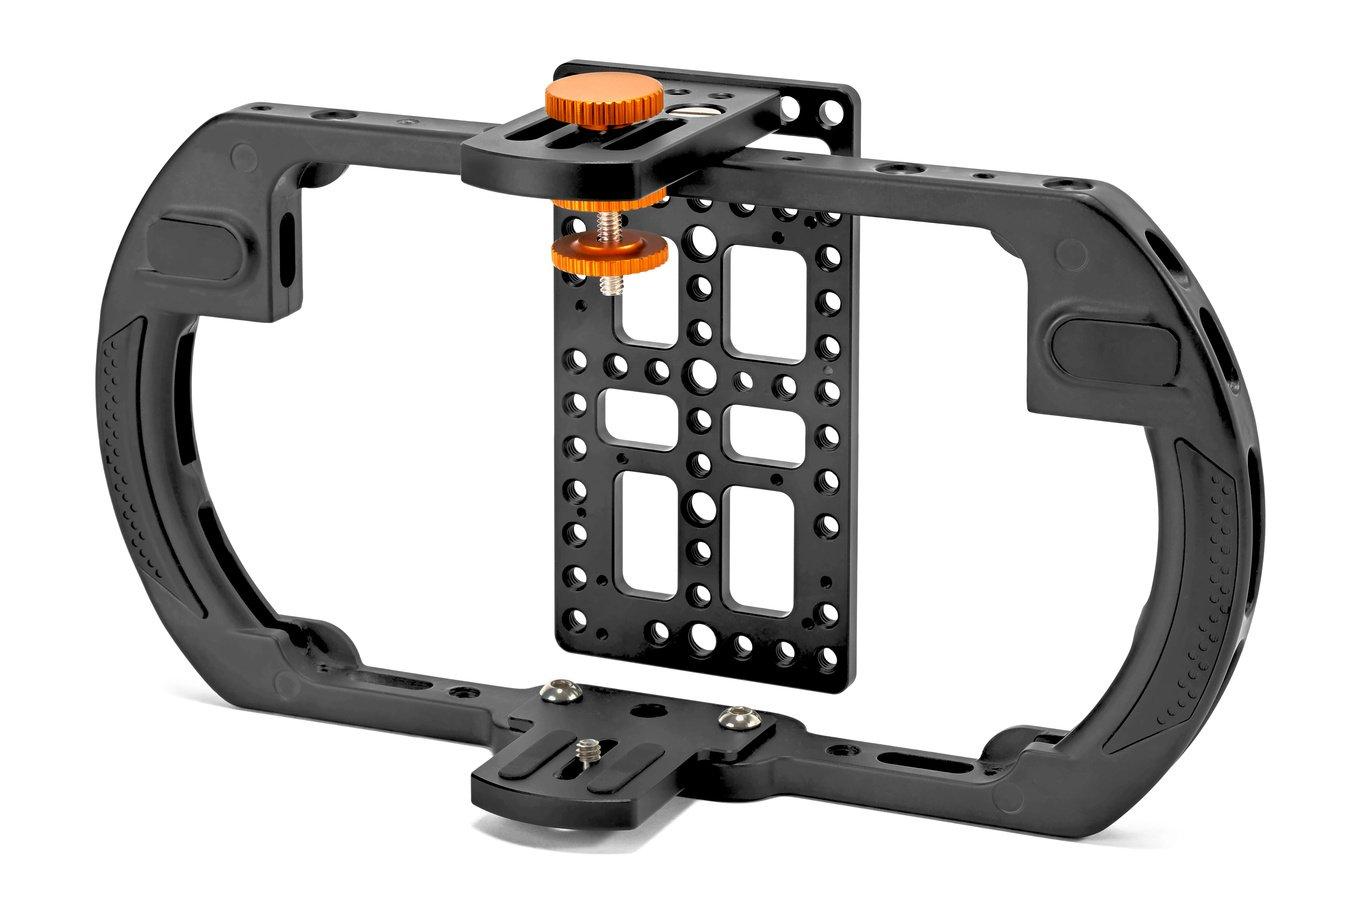 E-IMAGE Q60M Cage für Monitor bis 148mm Höhe oder 7 Zoll Bilddiagonale.